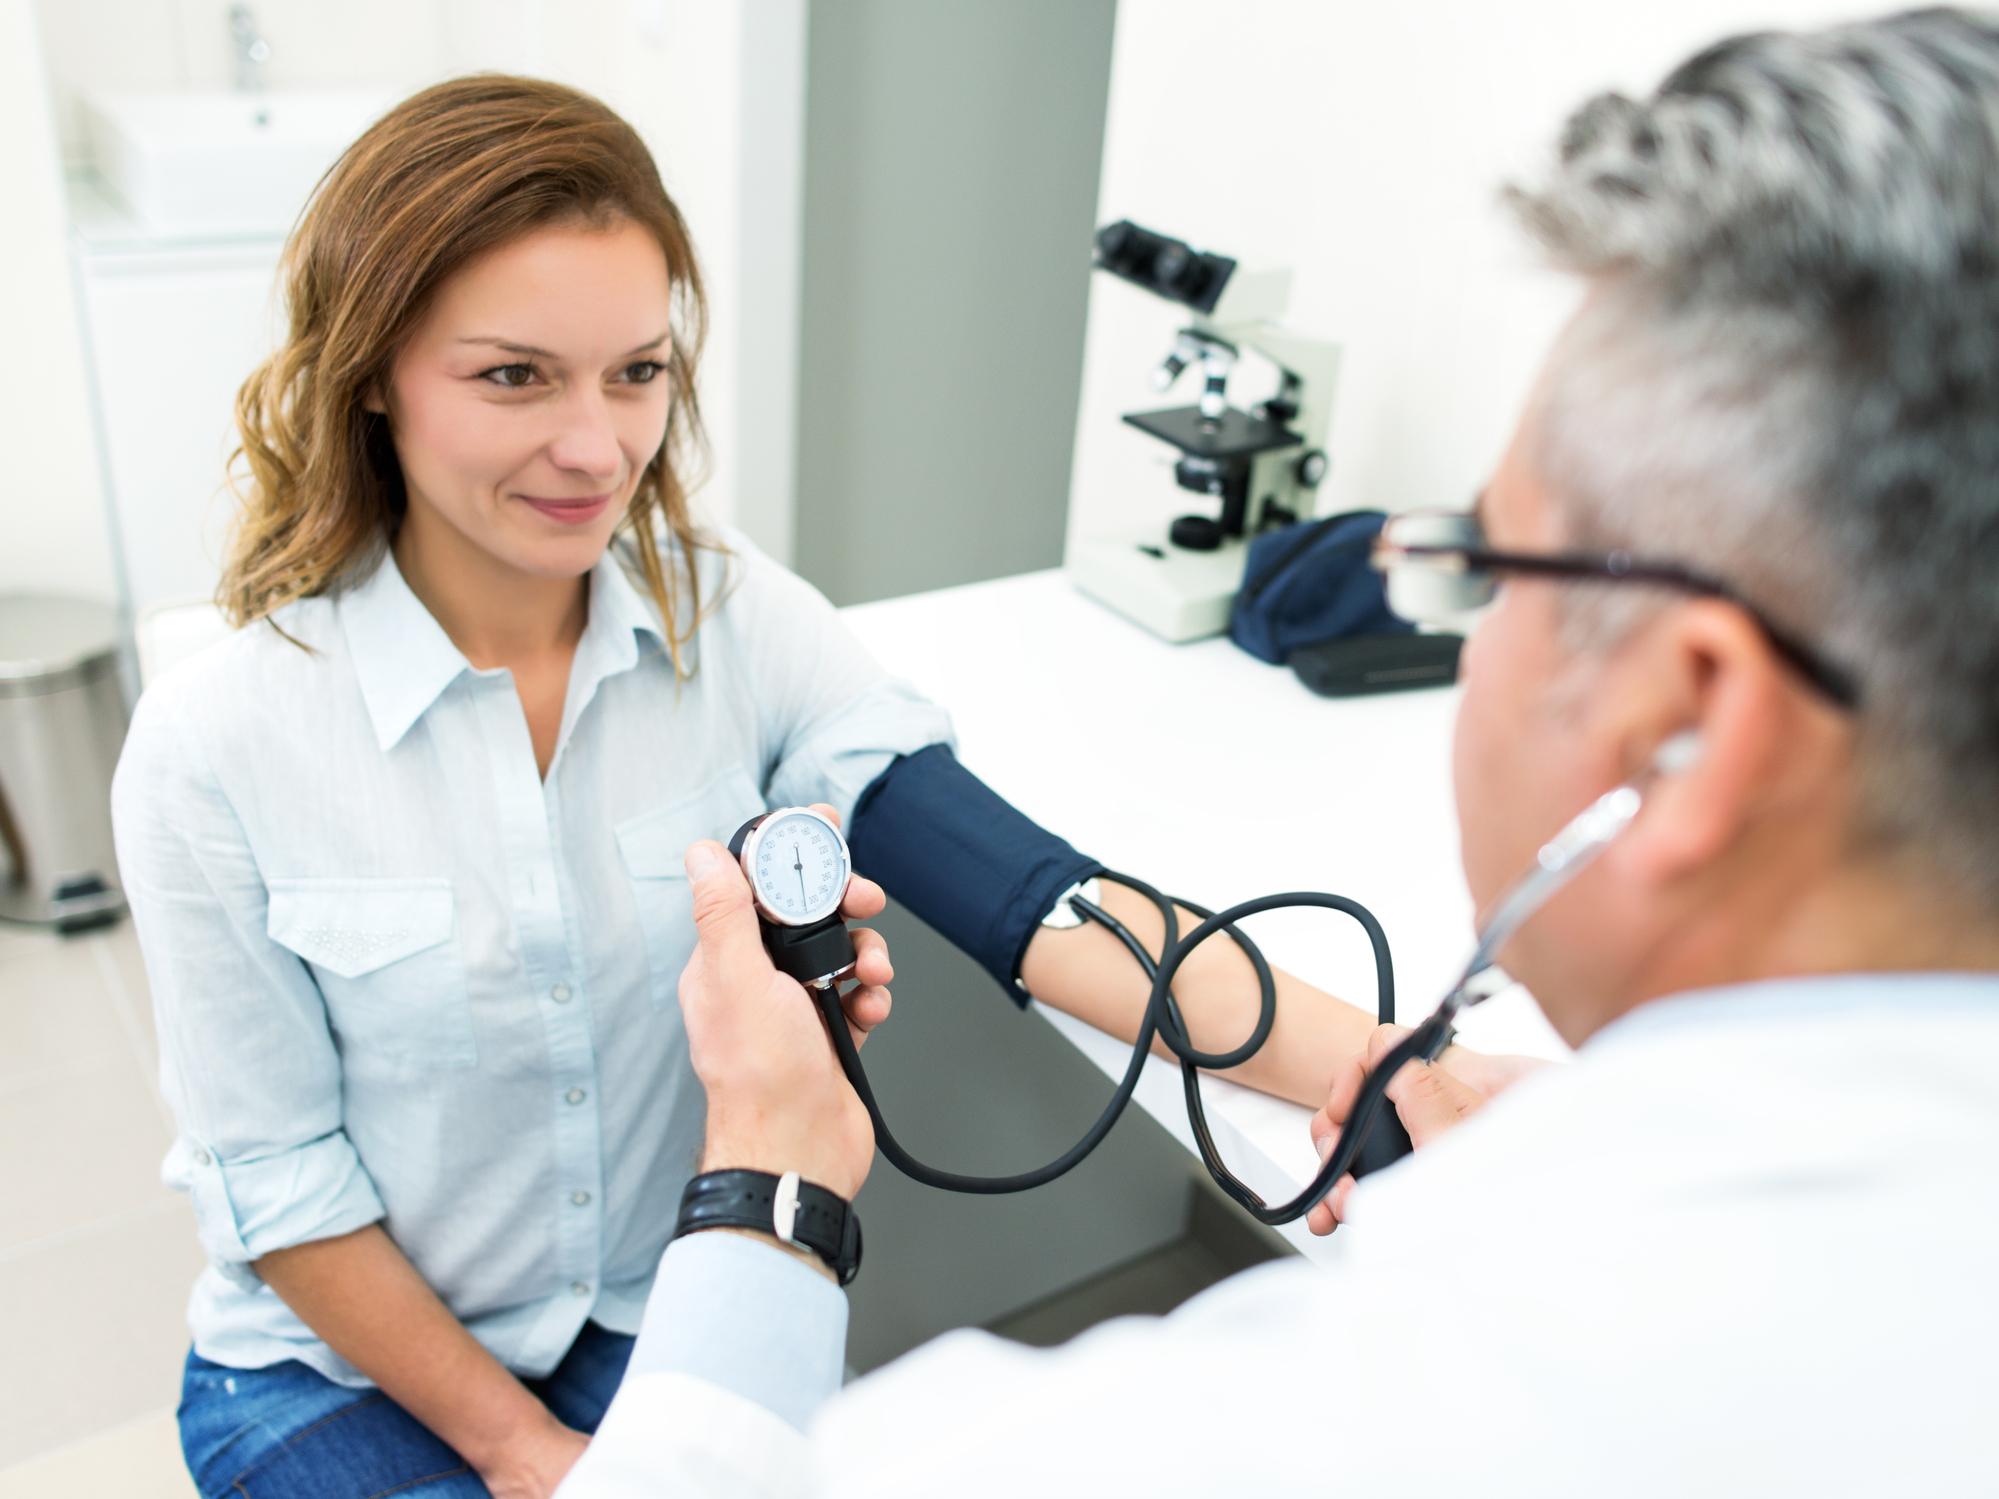 Vérnyomáscsökkentő gyógyszerek ampullákban. Kiegészítők magas vérnyomáshoz